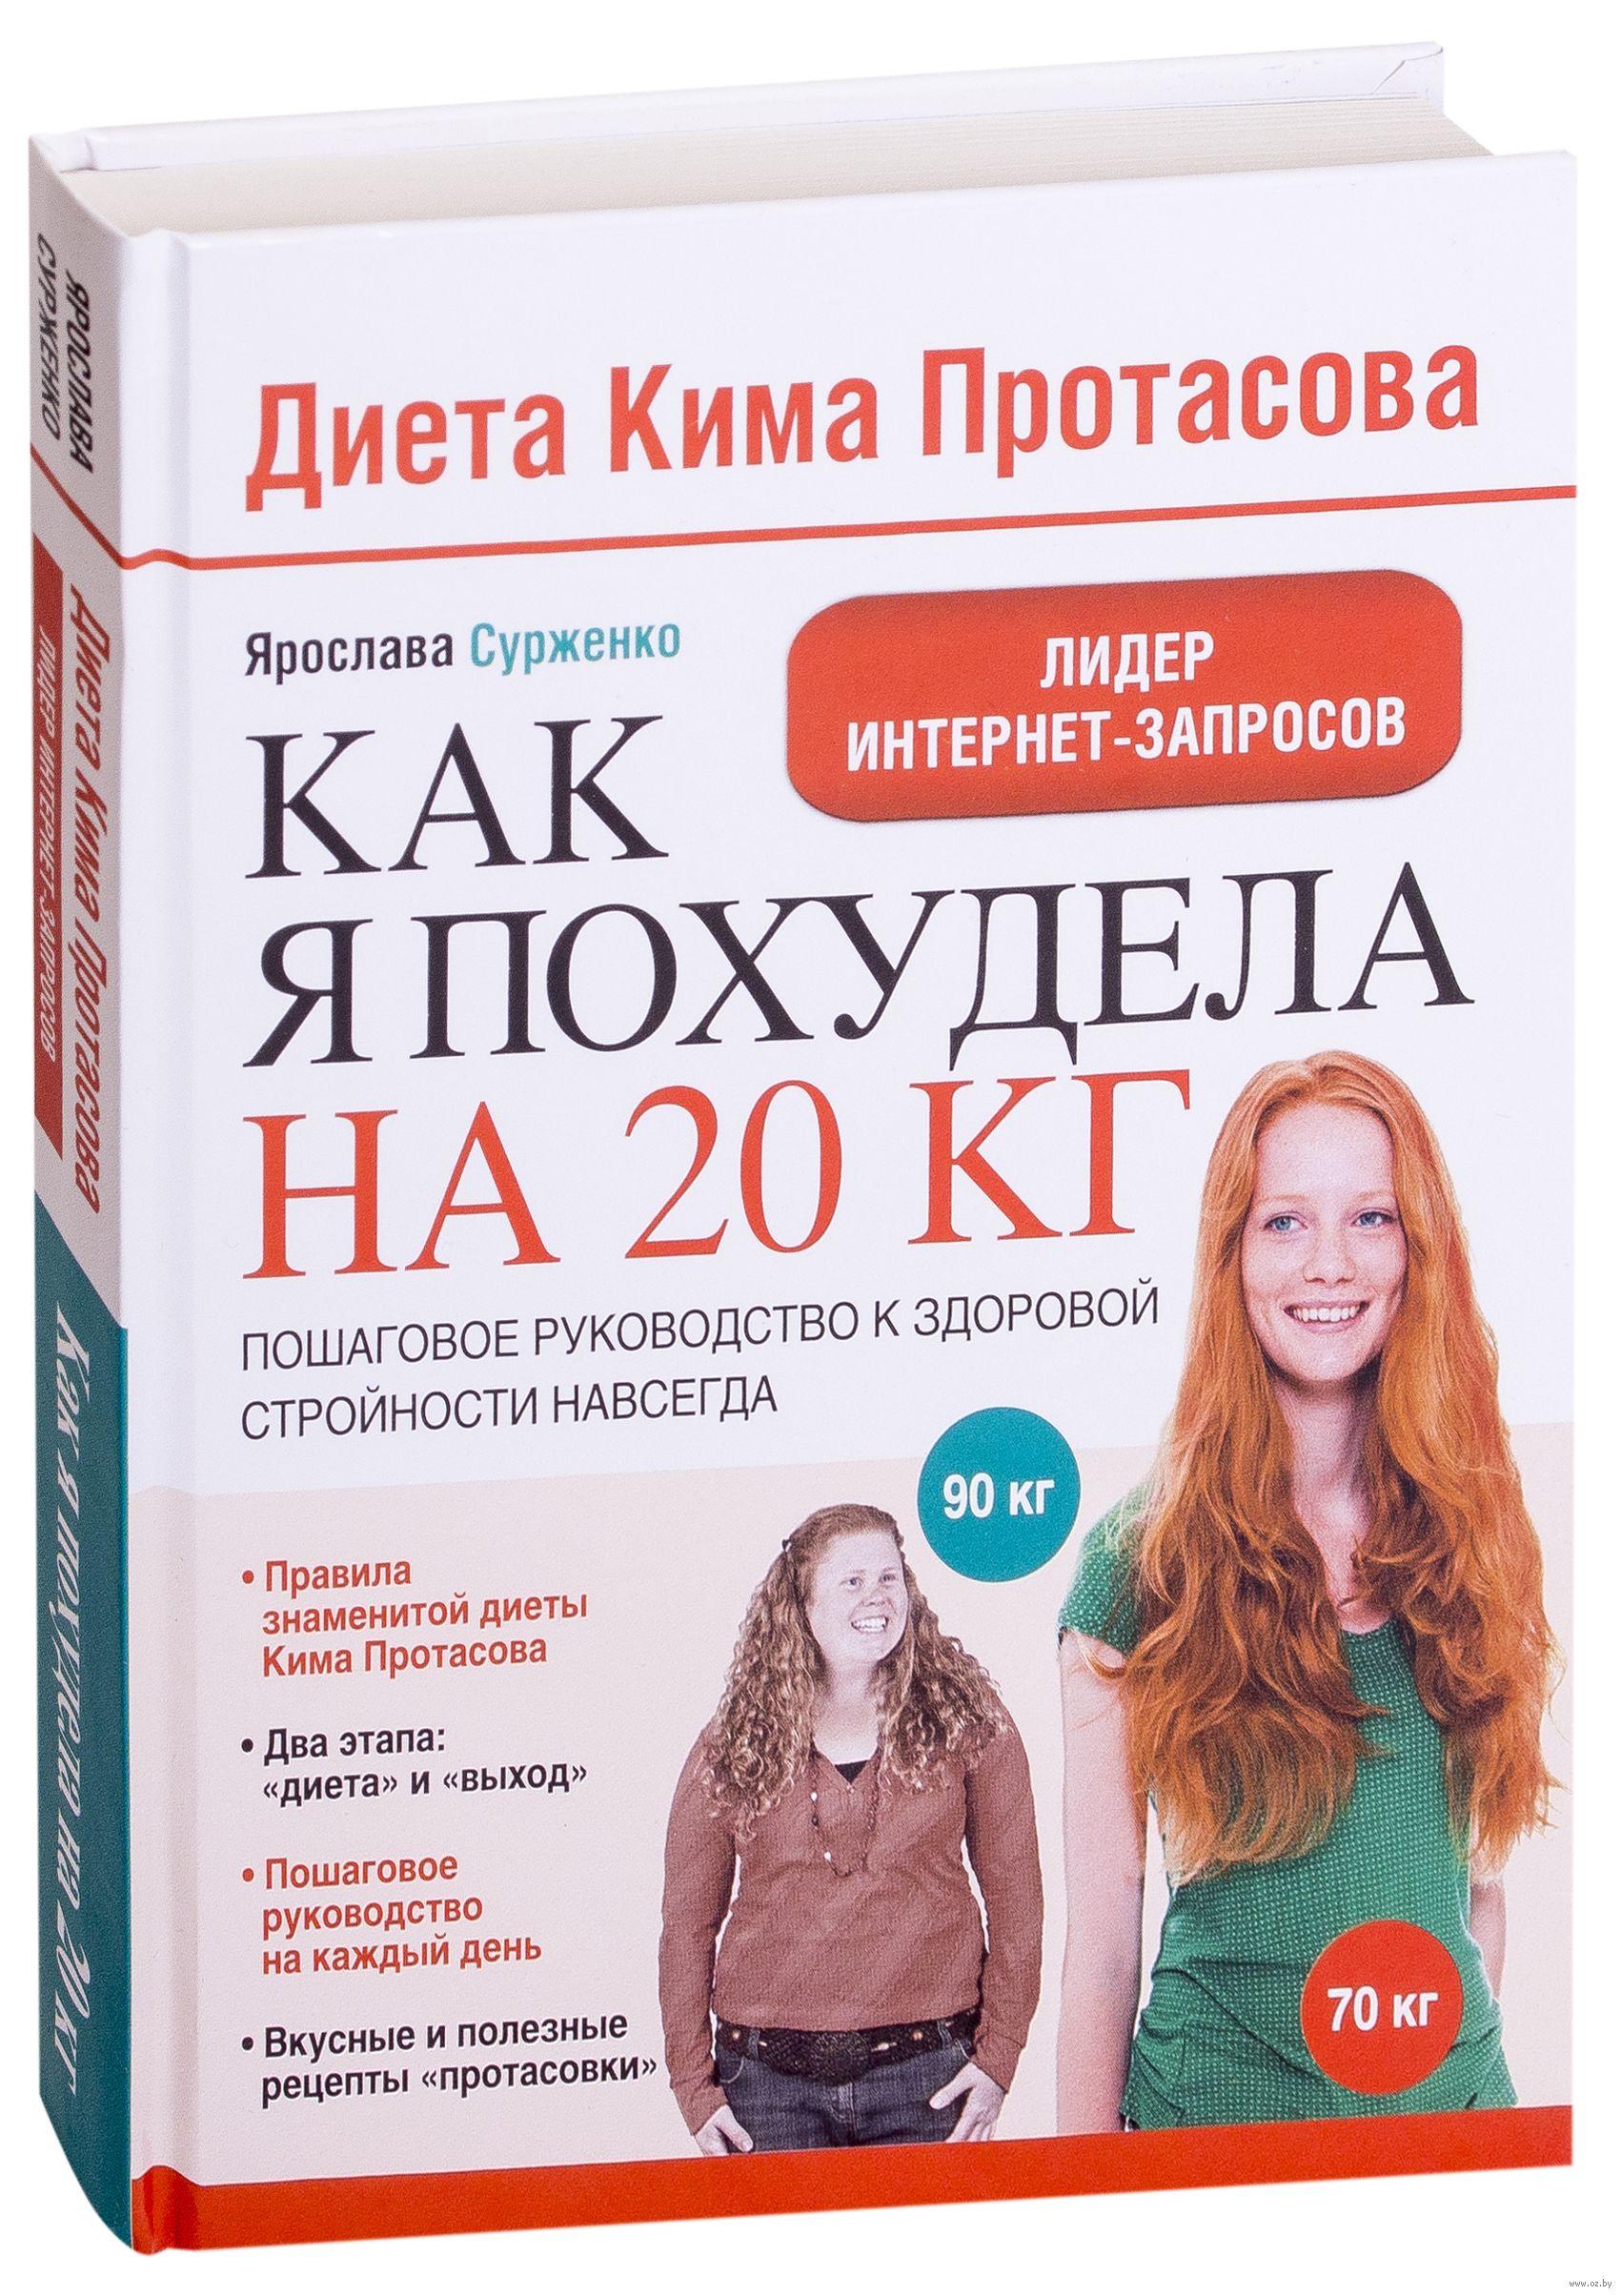 Новое о диете протасова